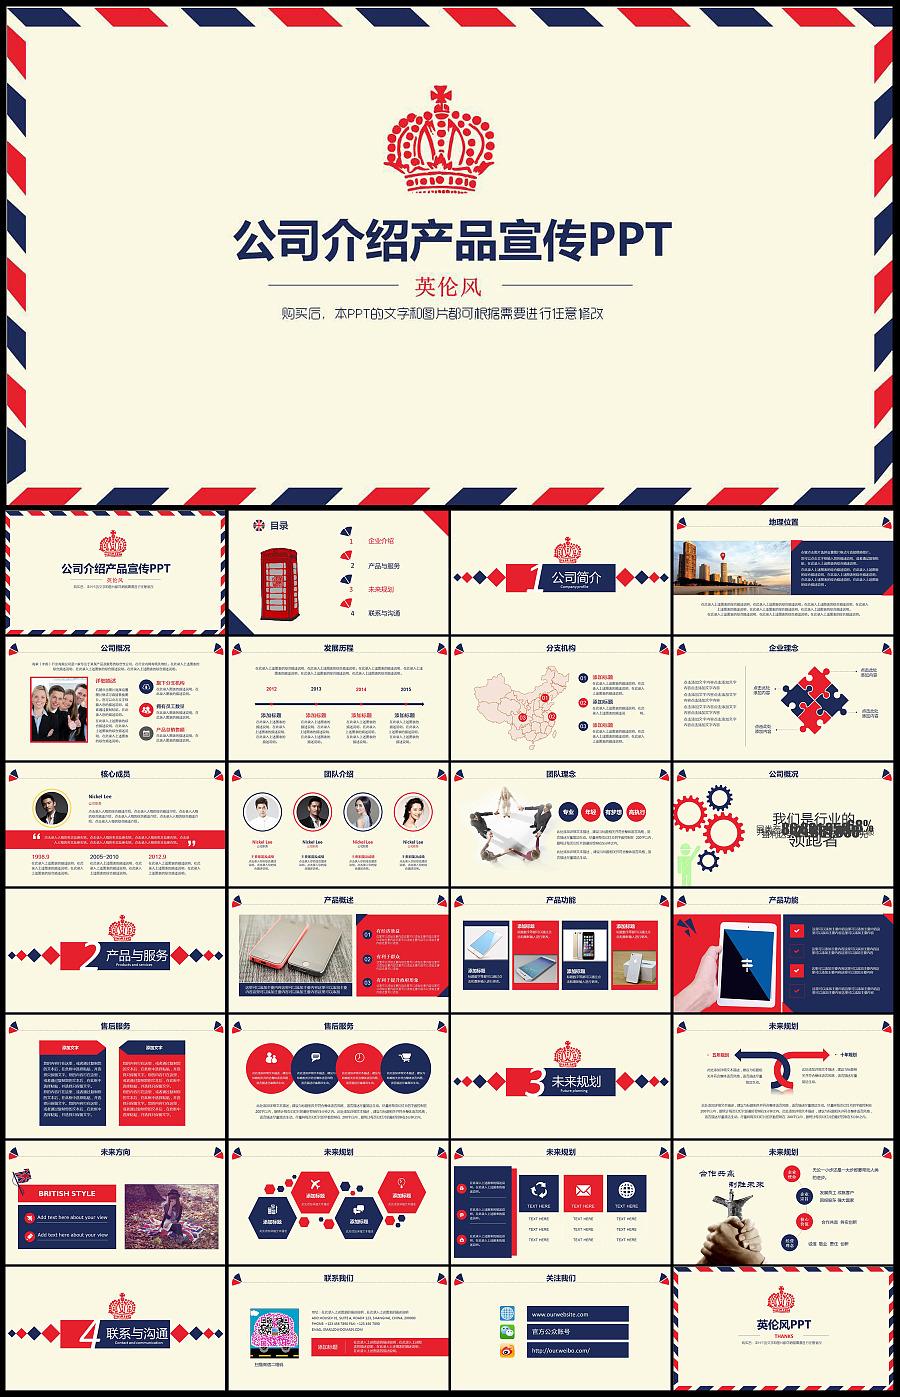 英伦风企业文化宣传公司介绍产品展示ppt(需要模板